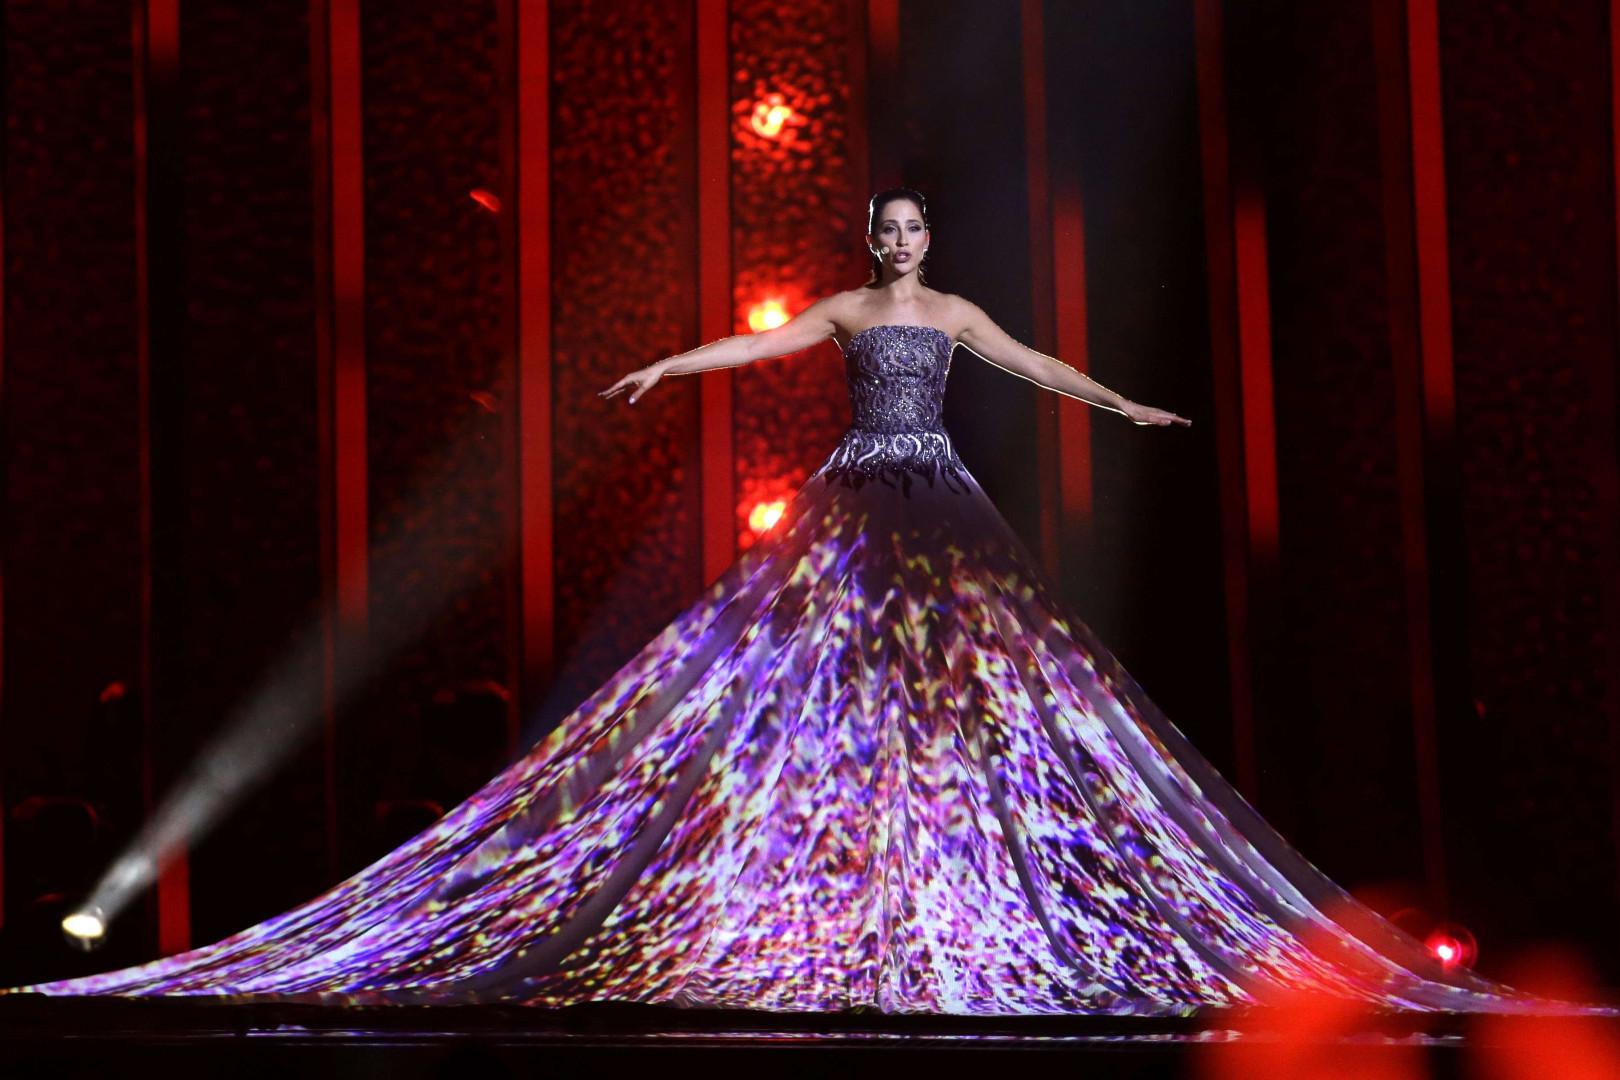 Elina Nechayeva (Estonie) est qualifiée pour la finale de l'Eurovision 2018